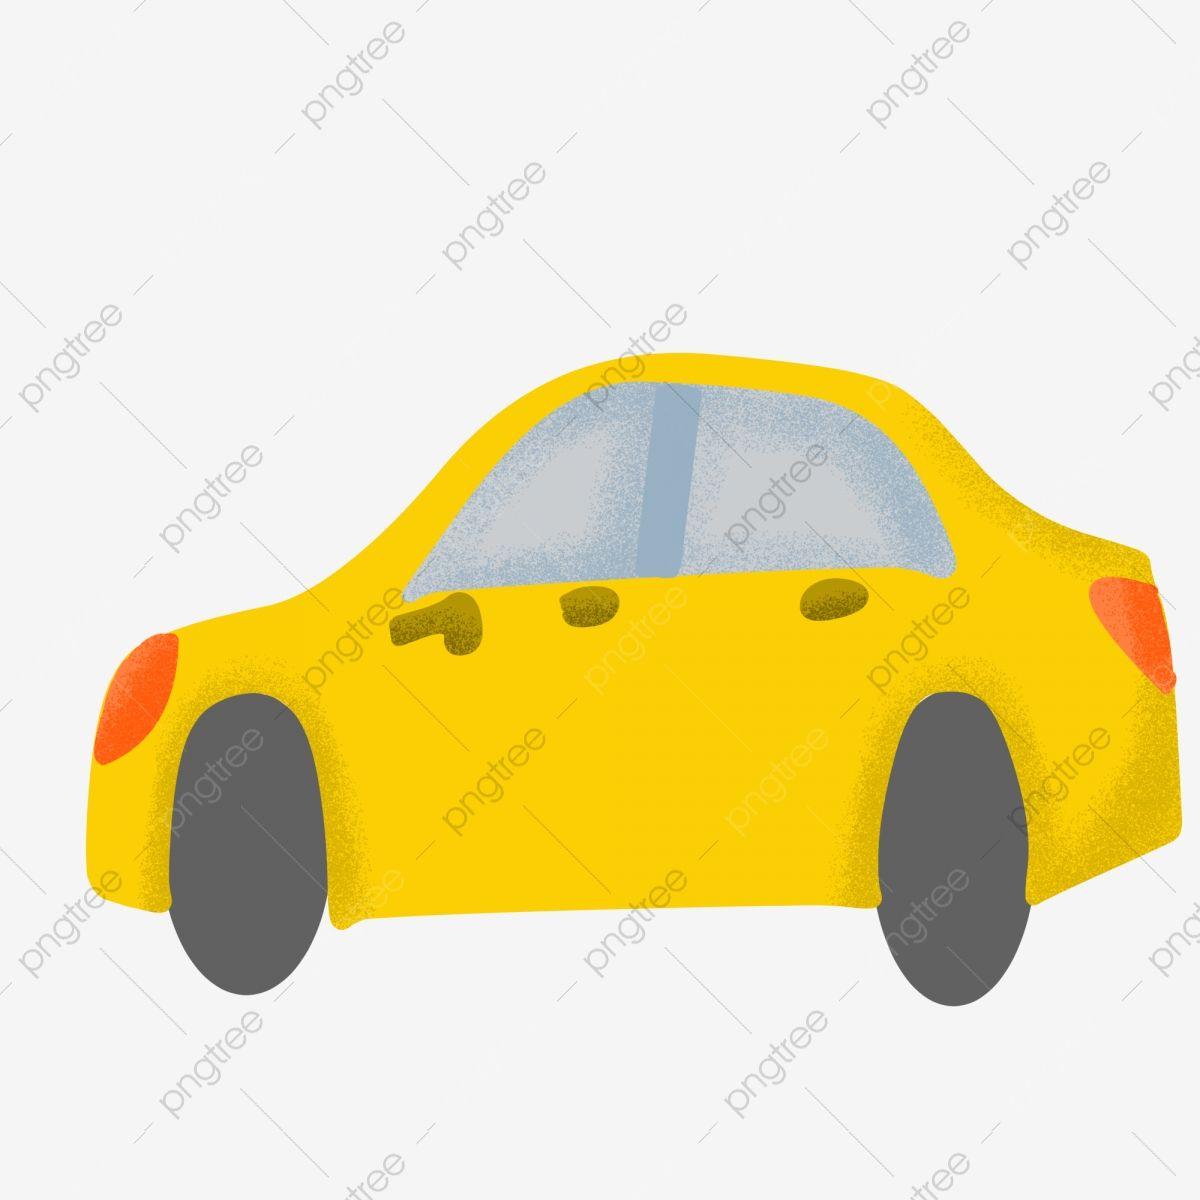 Gambar Tangan Digambar Mobil Kartun Mobil Sedan Kuning Ilustrasi Mobil Kuning Ban Hitam Gelas Biru Angkutan Png Transparan Clipart Dan File Psd Untuk Unduh G Di 2021 Sedan Mobil Mainan Kartun